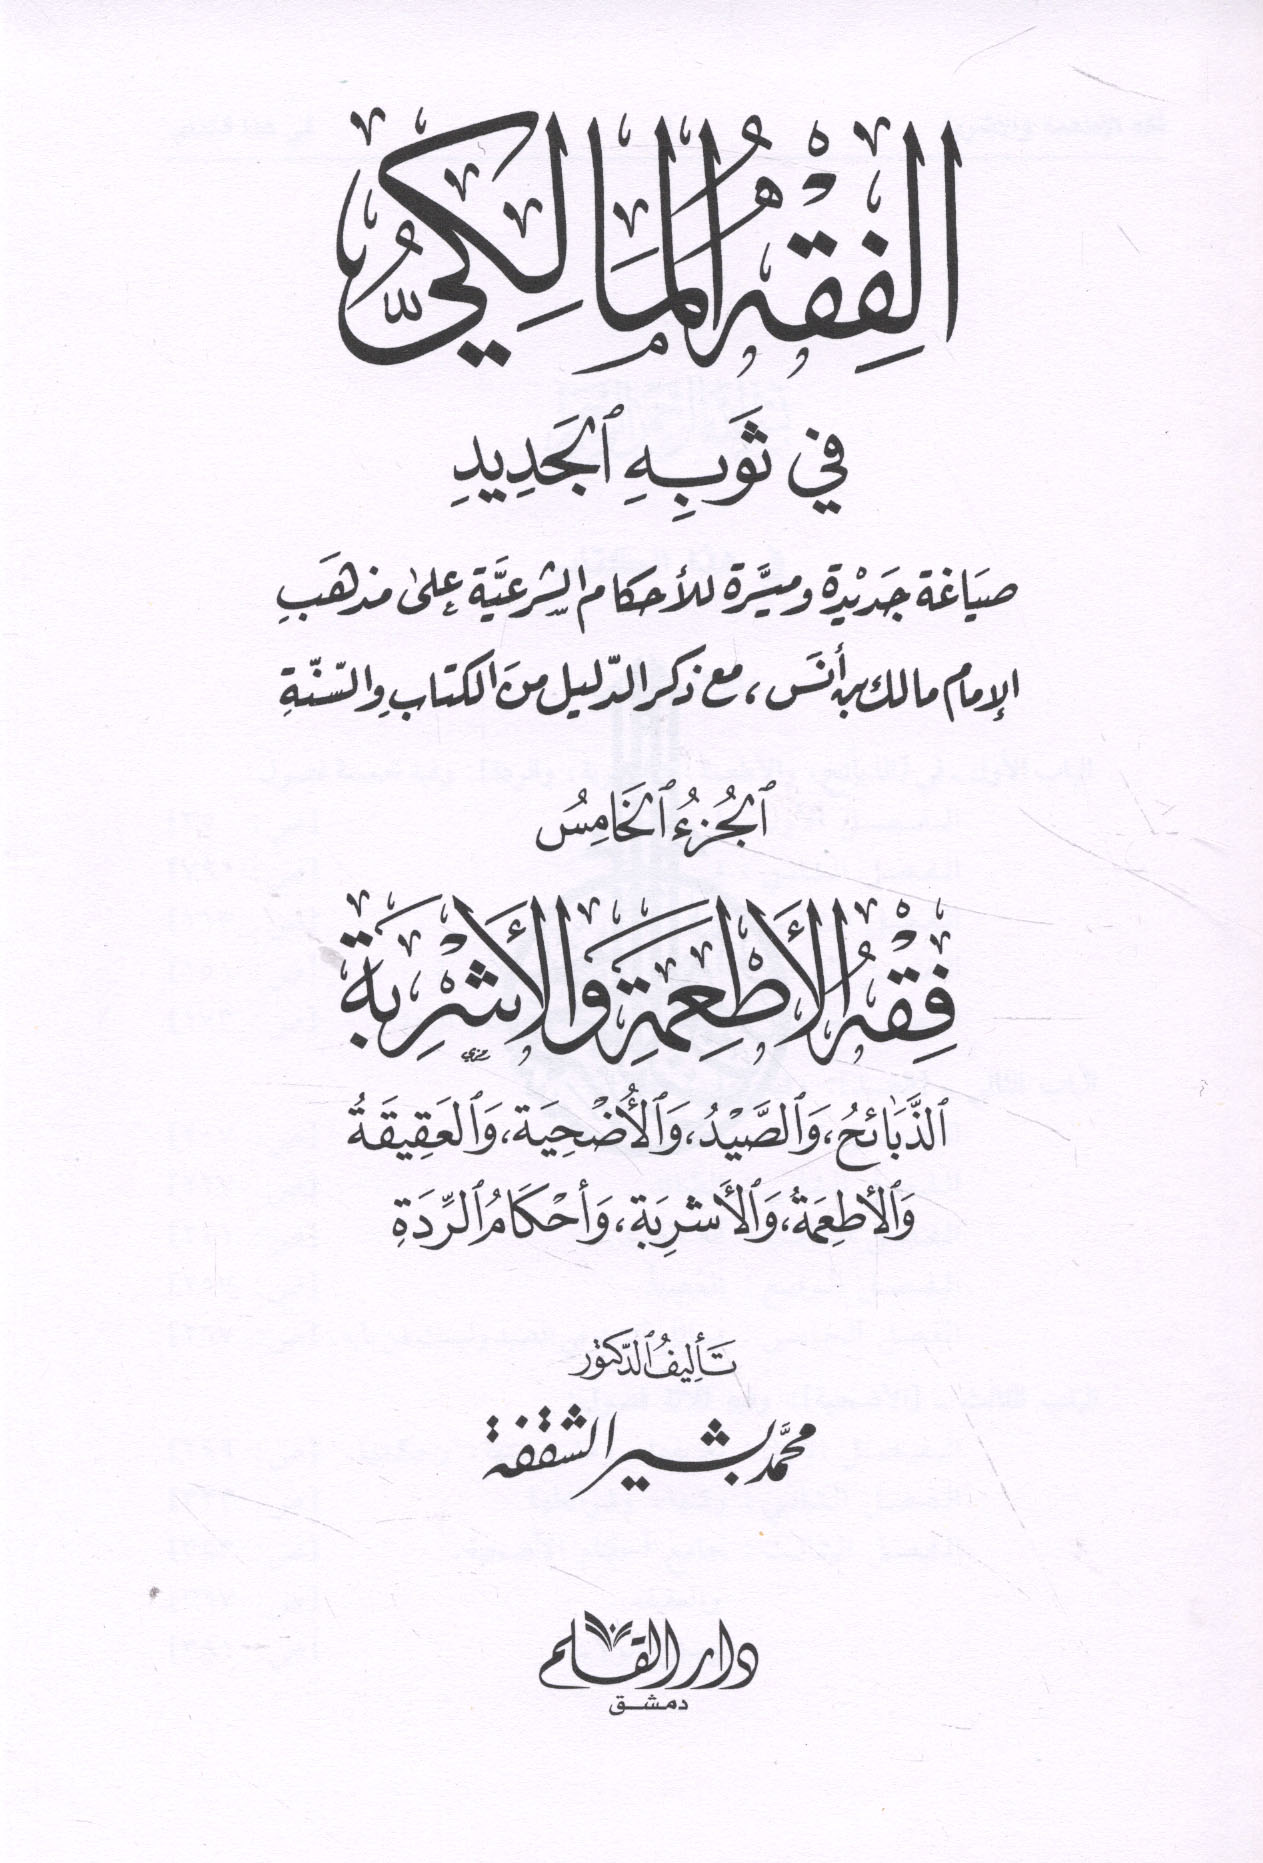 Fiqh al-Maliki fi thawbihi al-jadid